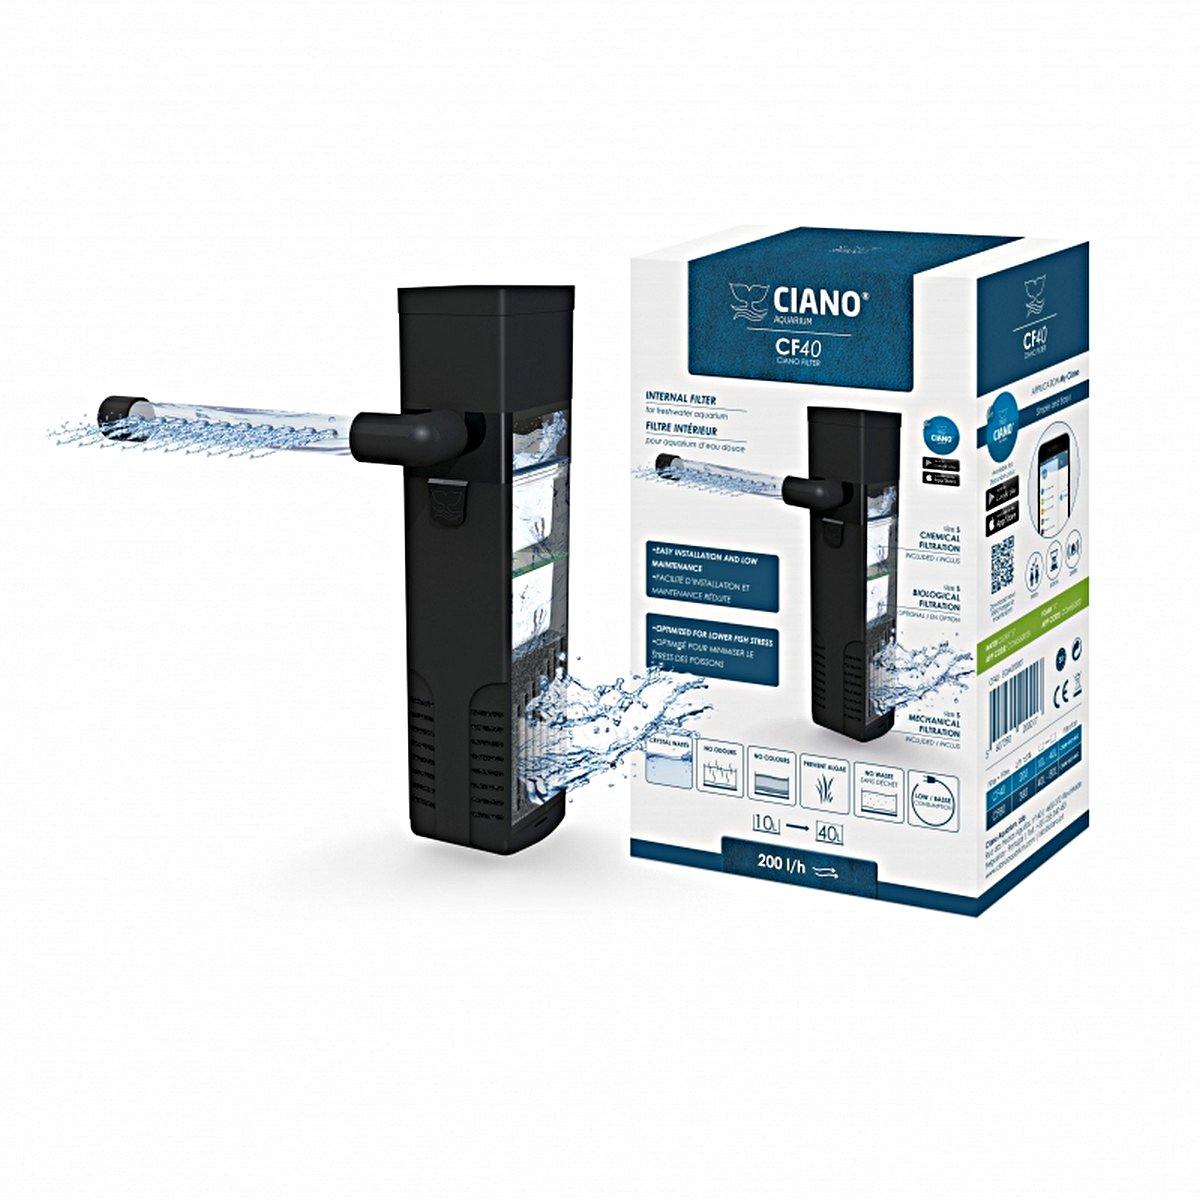 Afbeelding van Ciano Binnenfilter Cf40 Zwart 3,5x5,5x14cm